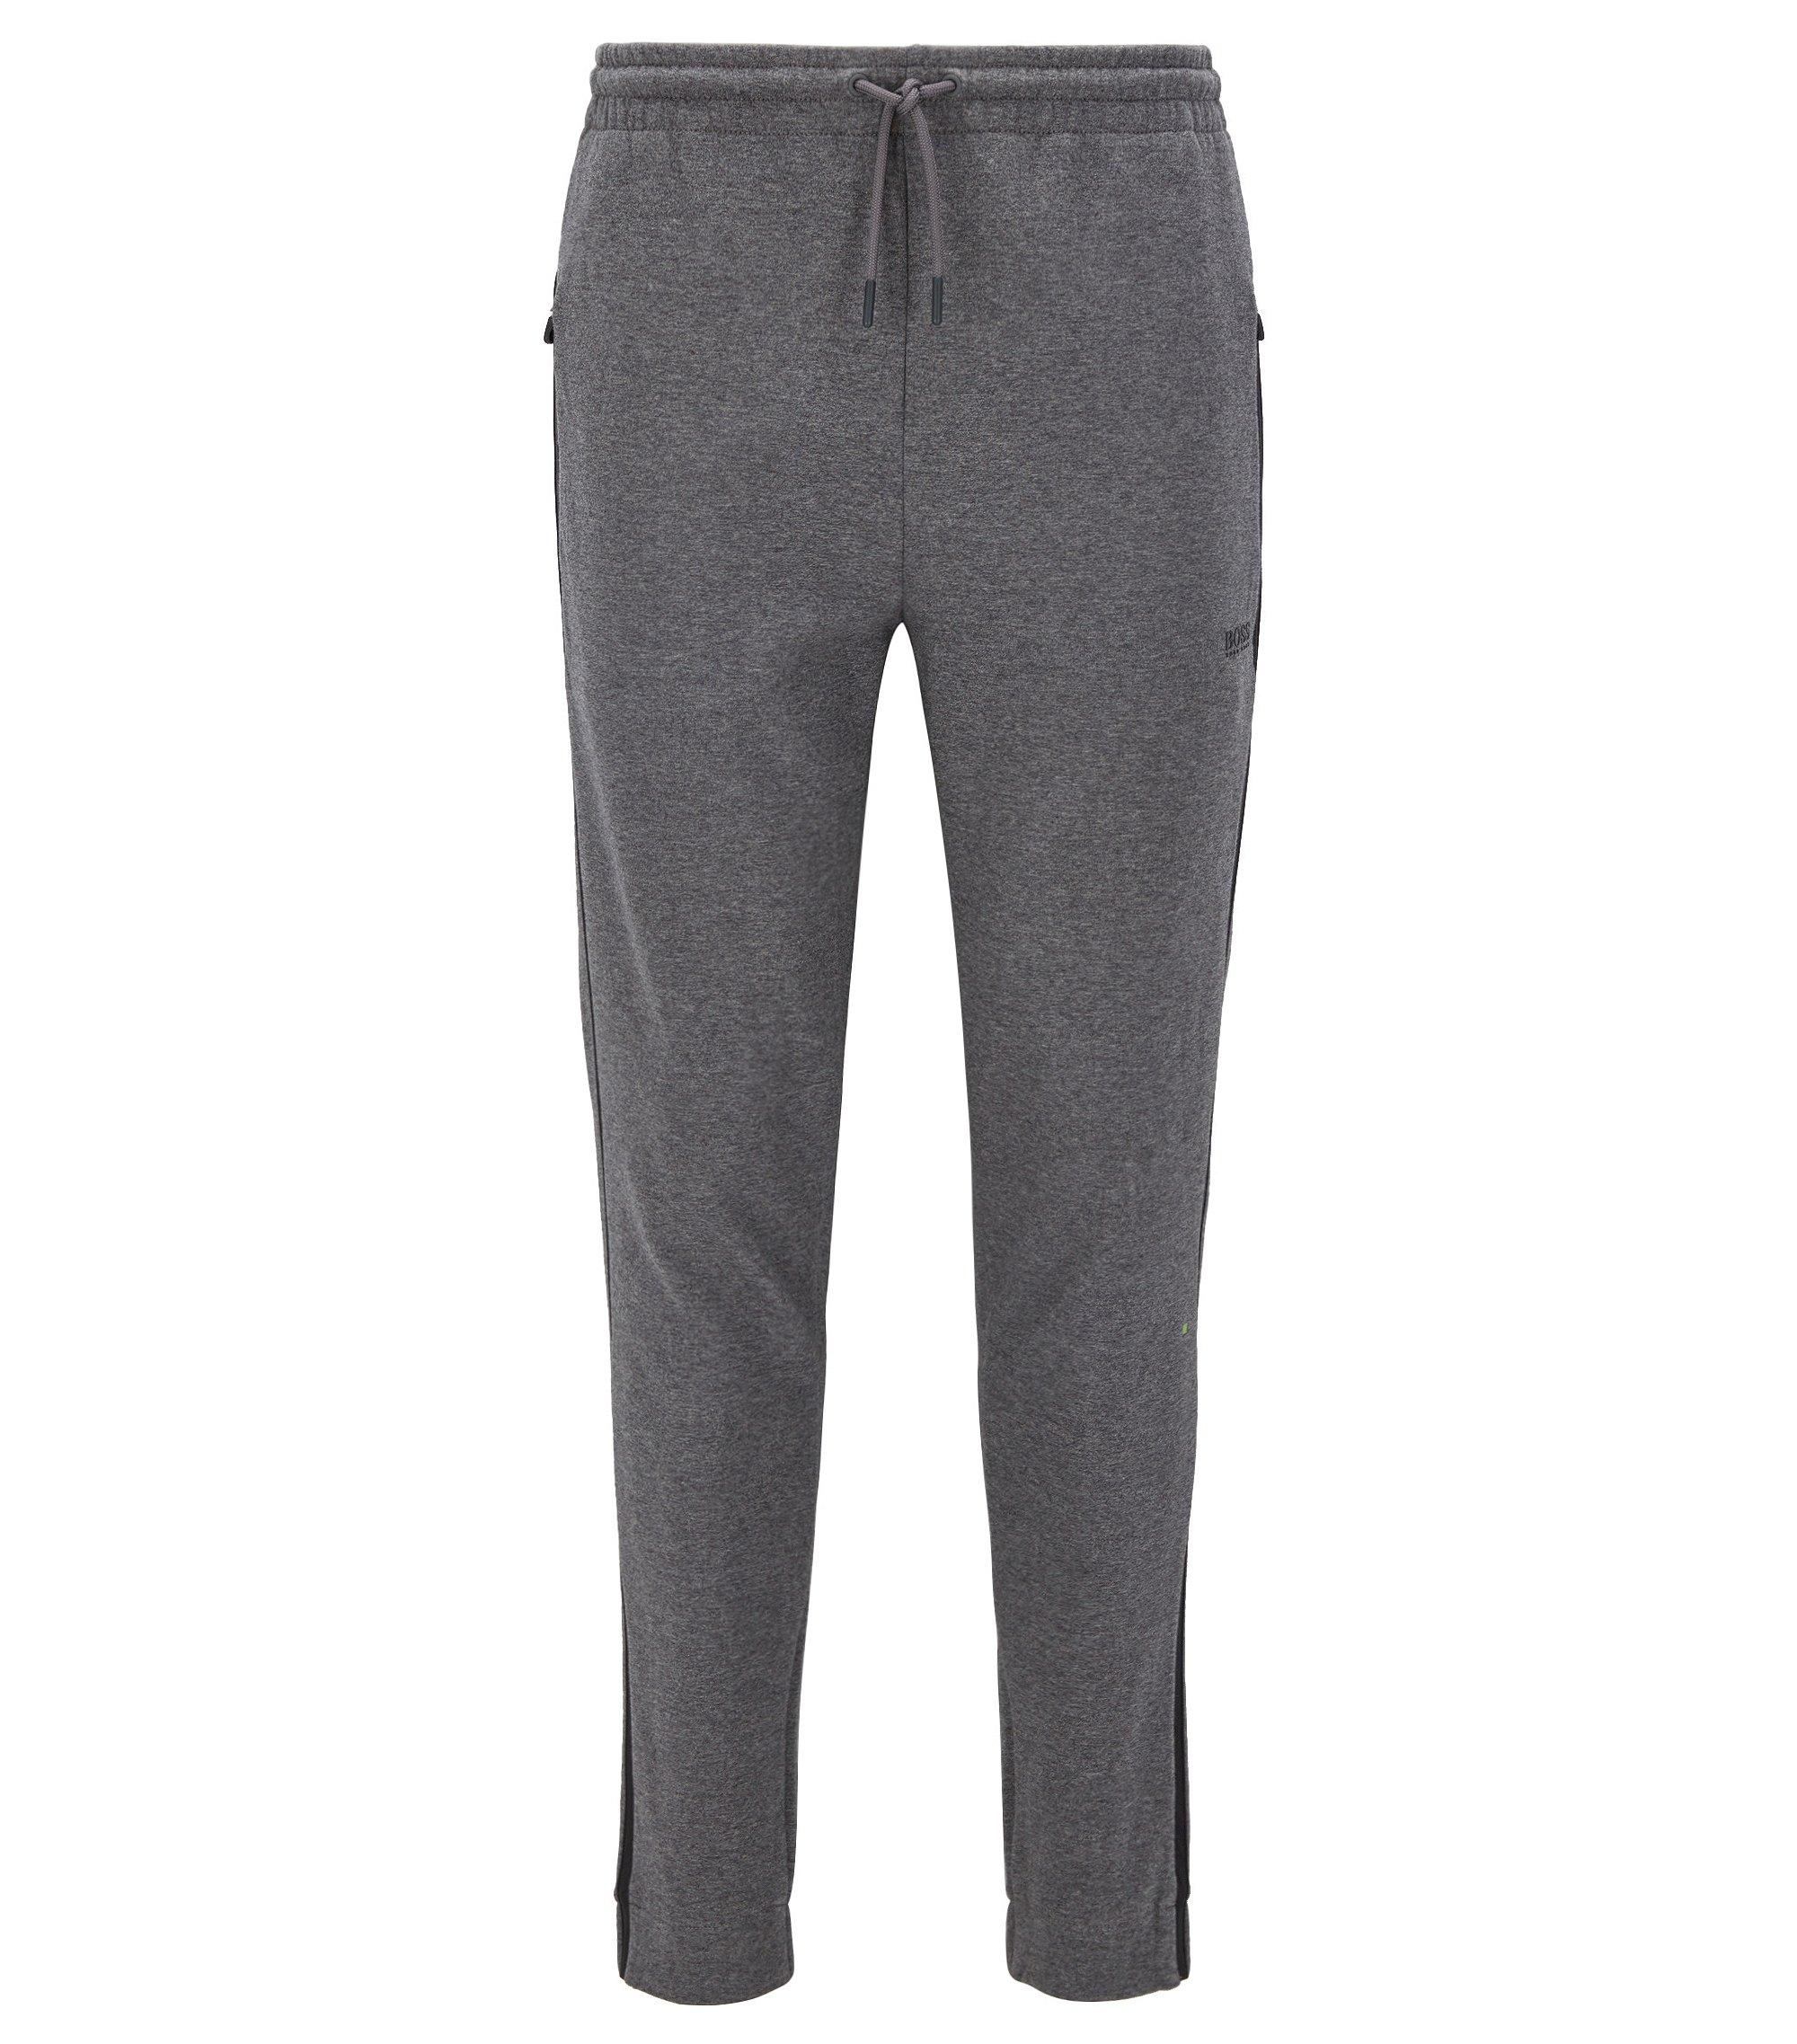 Pantaloni regular fit in jersey di misto cotone con righe a contrasto, Grigio